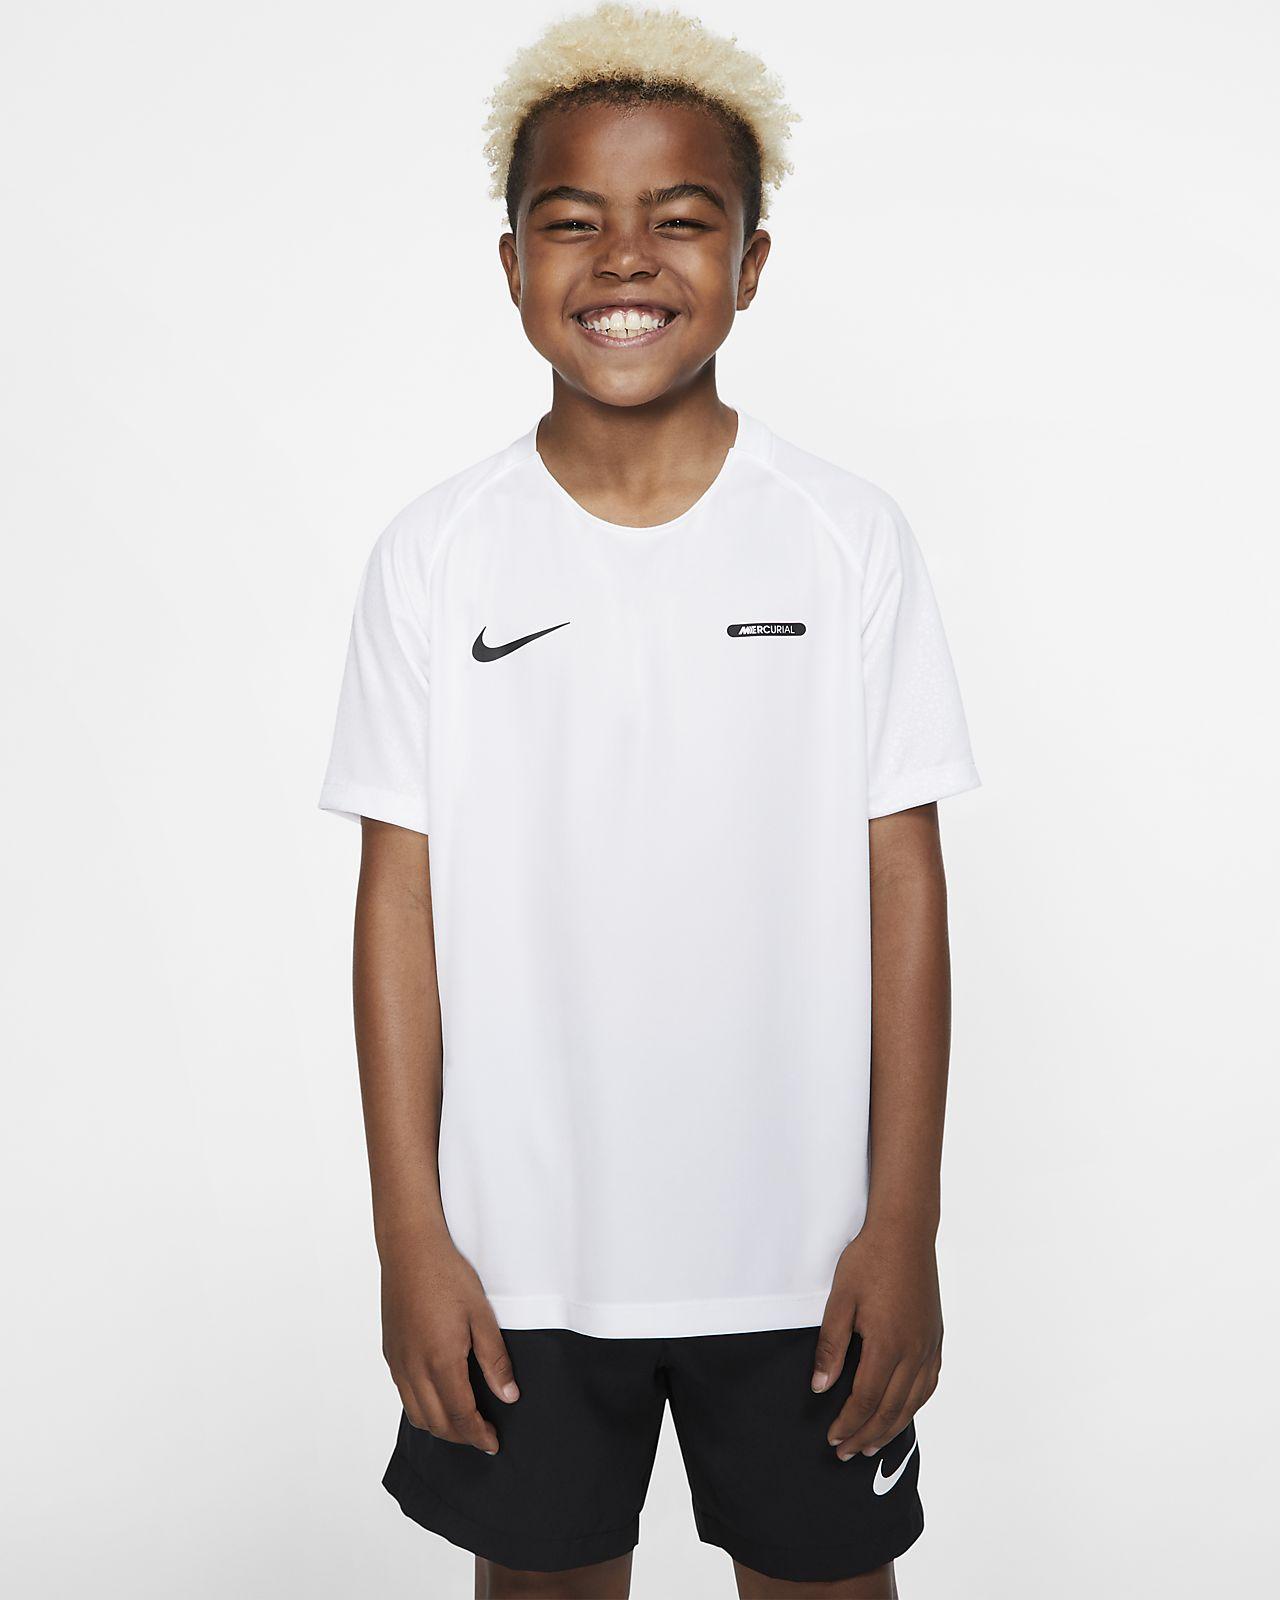 Nike Dri-FIT Mercurial kortermet fotballoverdel til store barn